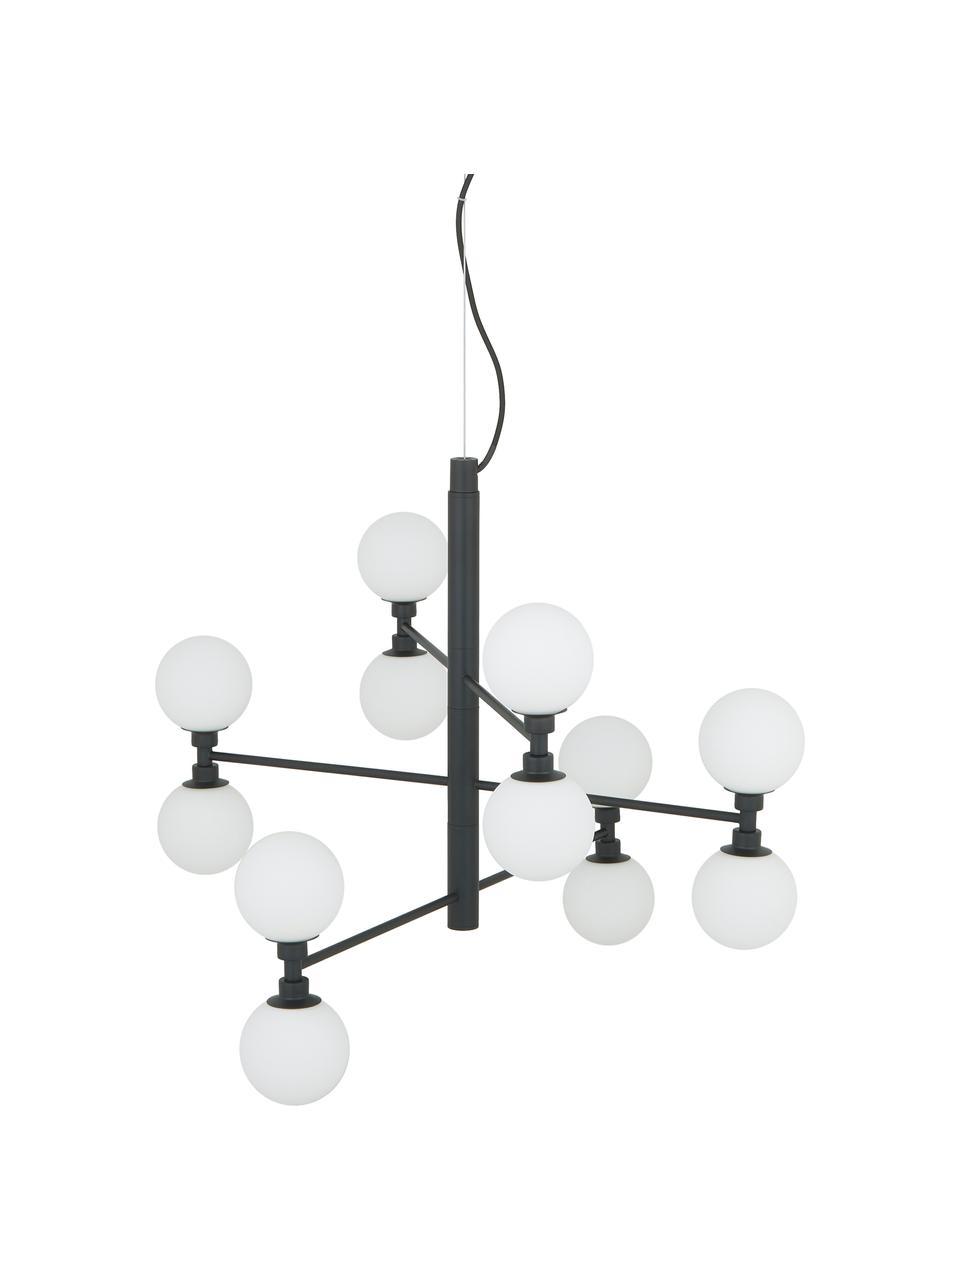 Veľká závesná lampa so sklenenými guľôčkami Grover, Čierna, biela